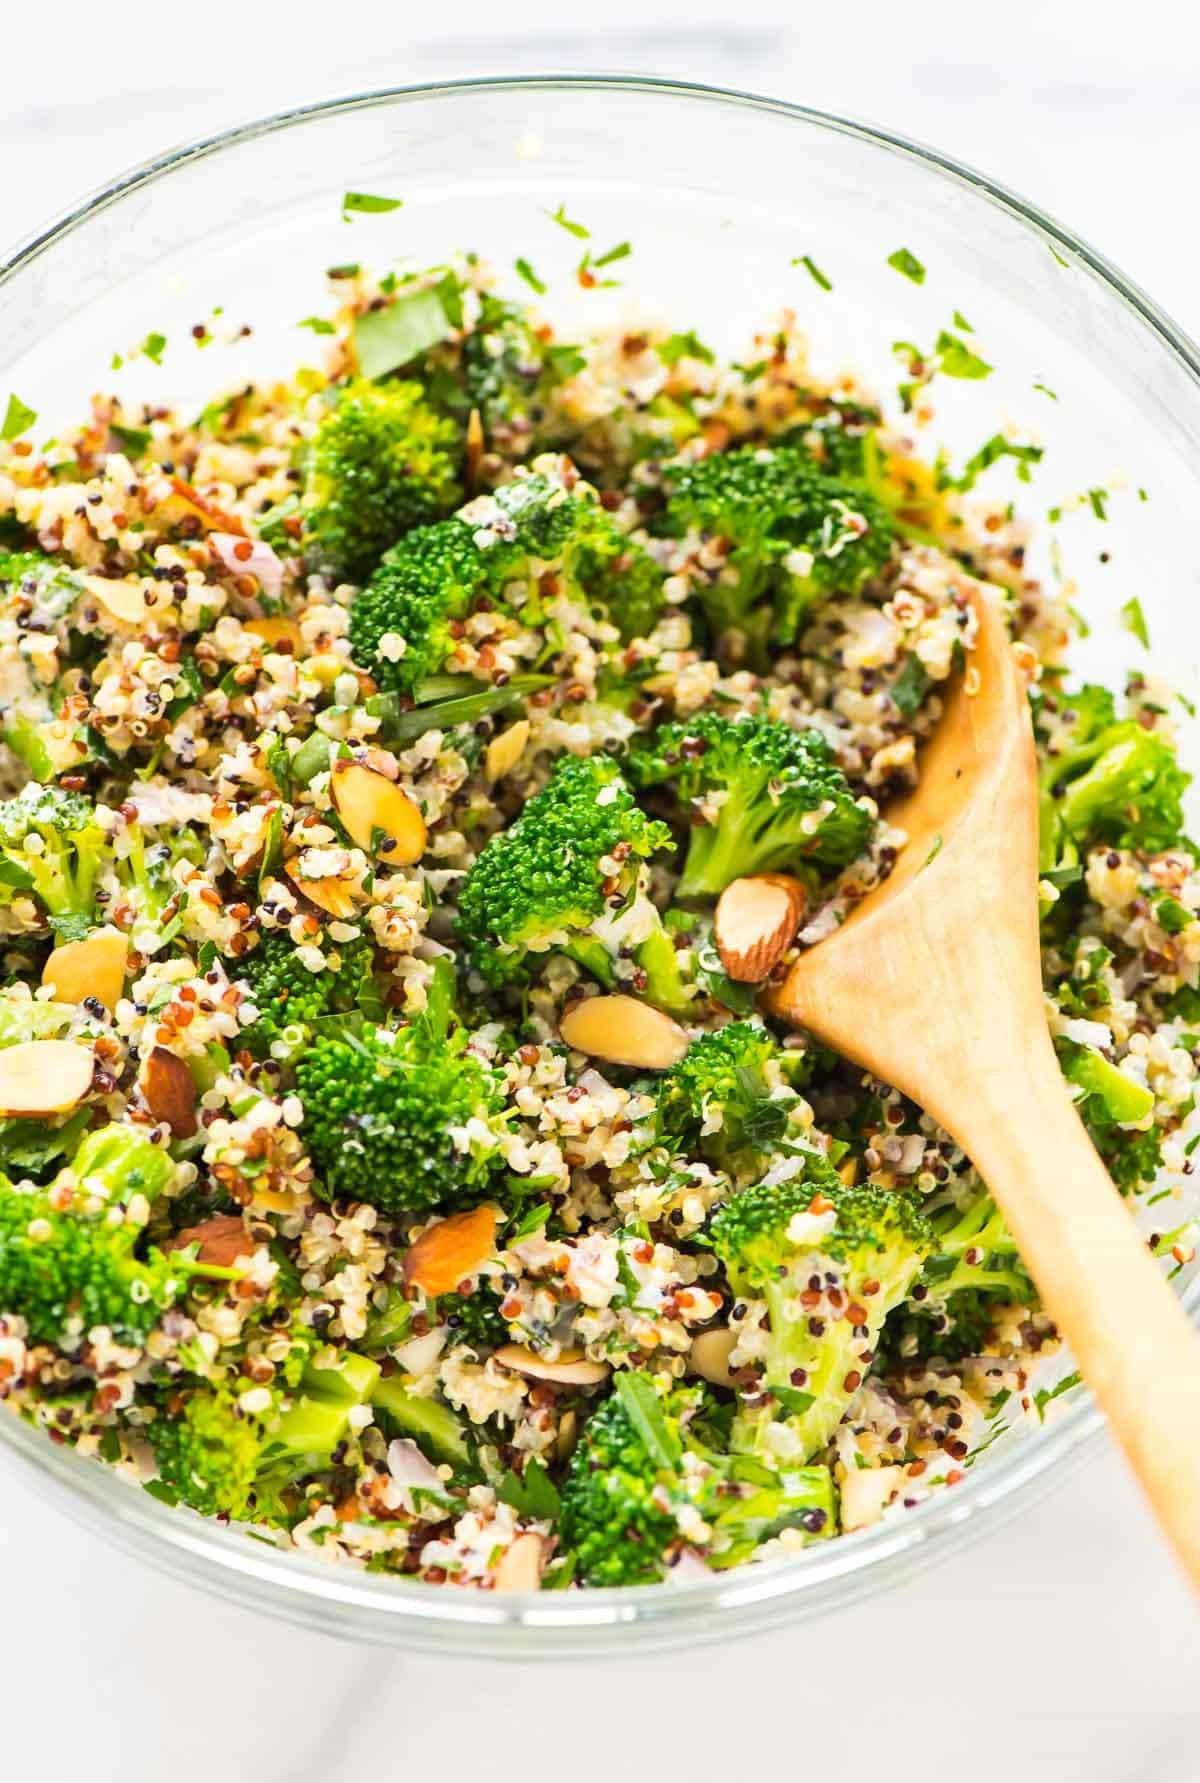 Quinoa Recipes Salad  Broccoli Quinoa Salad with Creamy Lemon Dressing